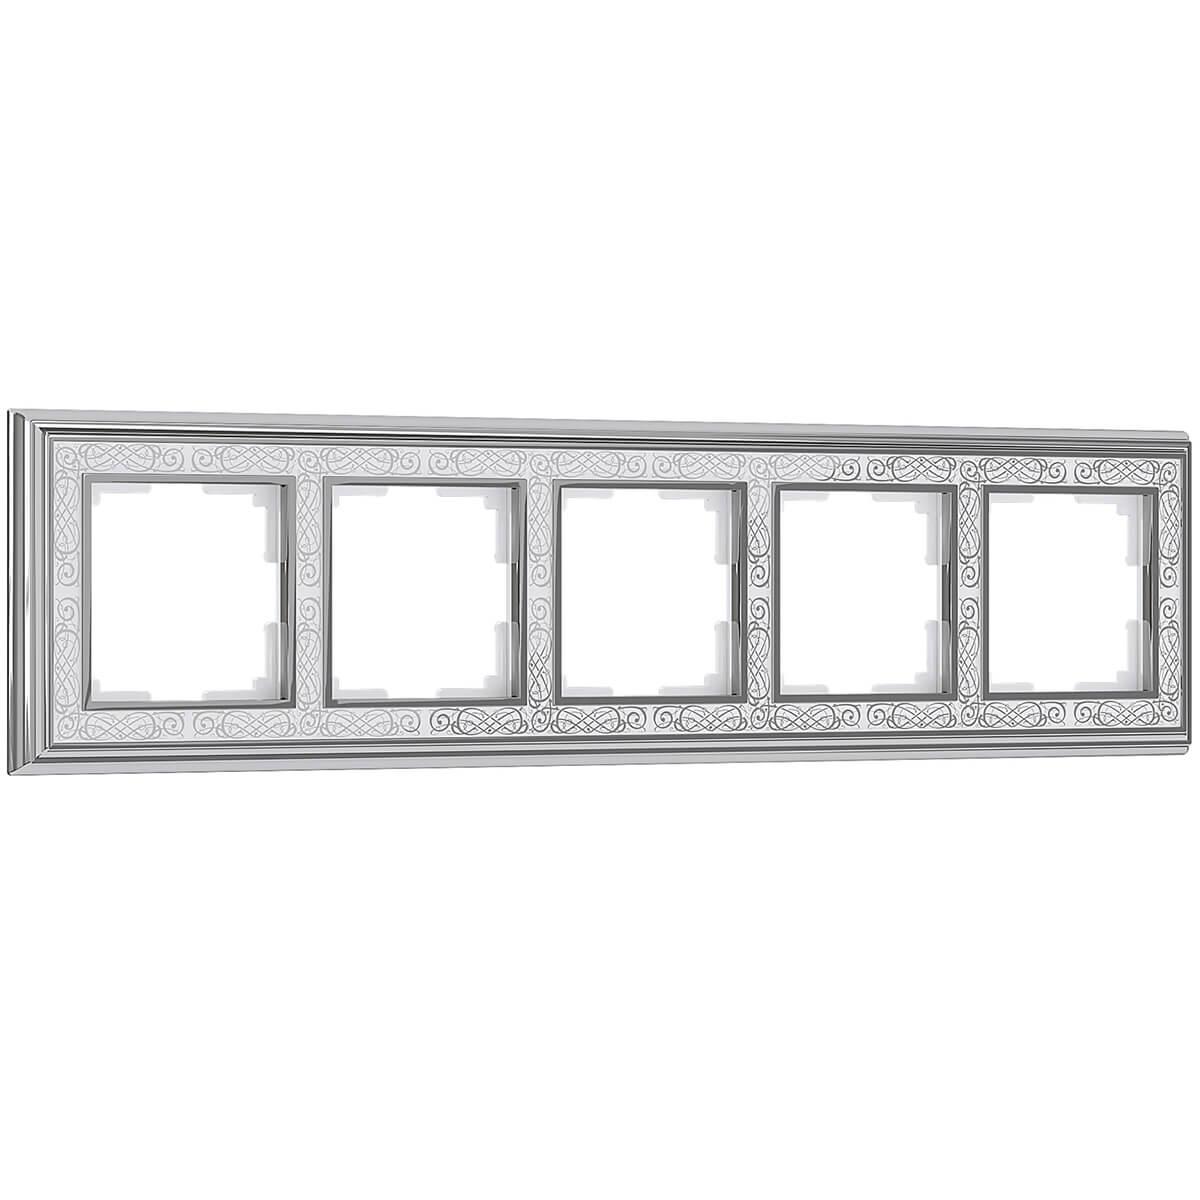 Рамка Palacio Gracia на 5 постов хром/белый WL77-Frame-05 4690389126154